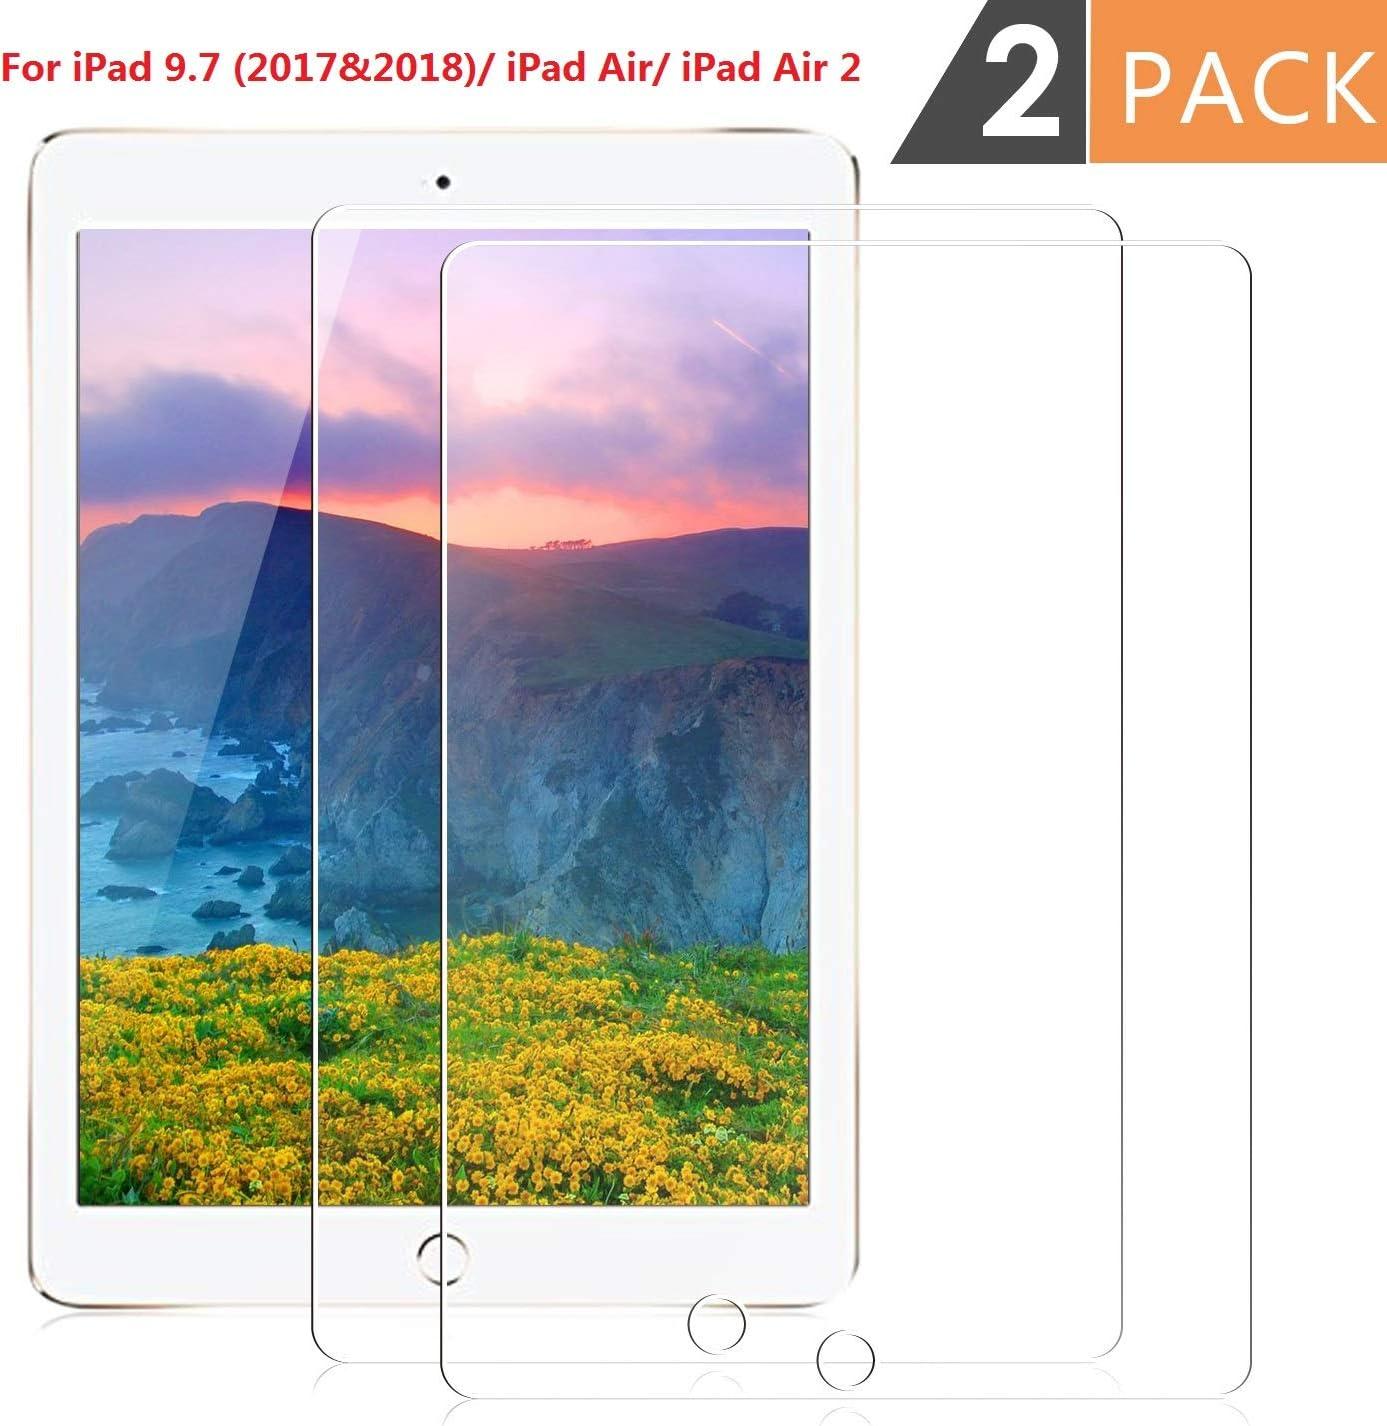 [2 Pack] iPad Air 2 / iPad Pro 9.7 / iPad Air/iPad 9.7 2017&2018 Screen Protector,DETUOSI iPad 9.7 Screen Protector,Clear High Definition Tempered Glass Screen Protector for iPad 9.7 inch (iPad 9.7)